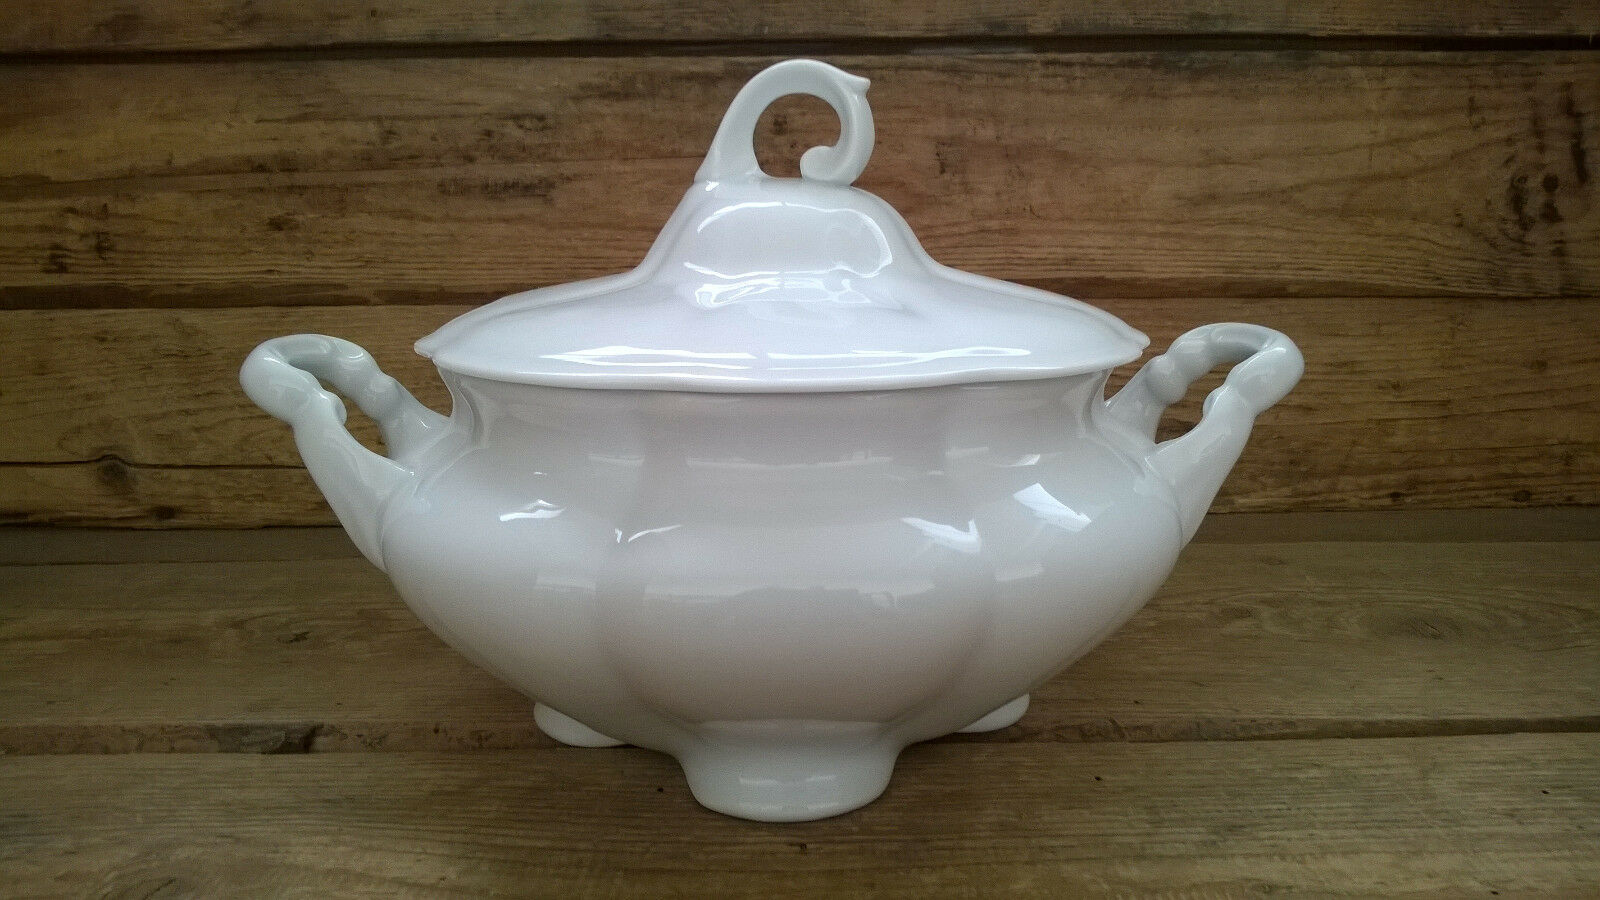 Terrine Suppenterrine Suppenschüssel Porzellan weiß mit Deckel - 2,8 l